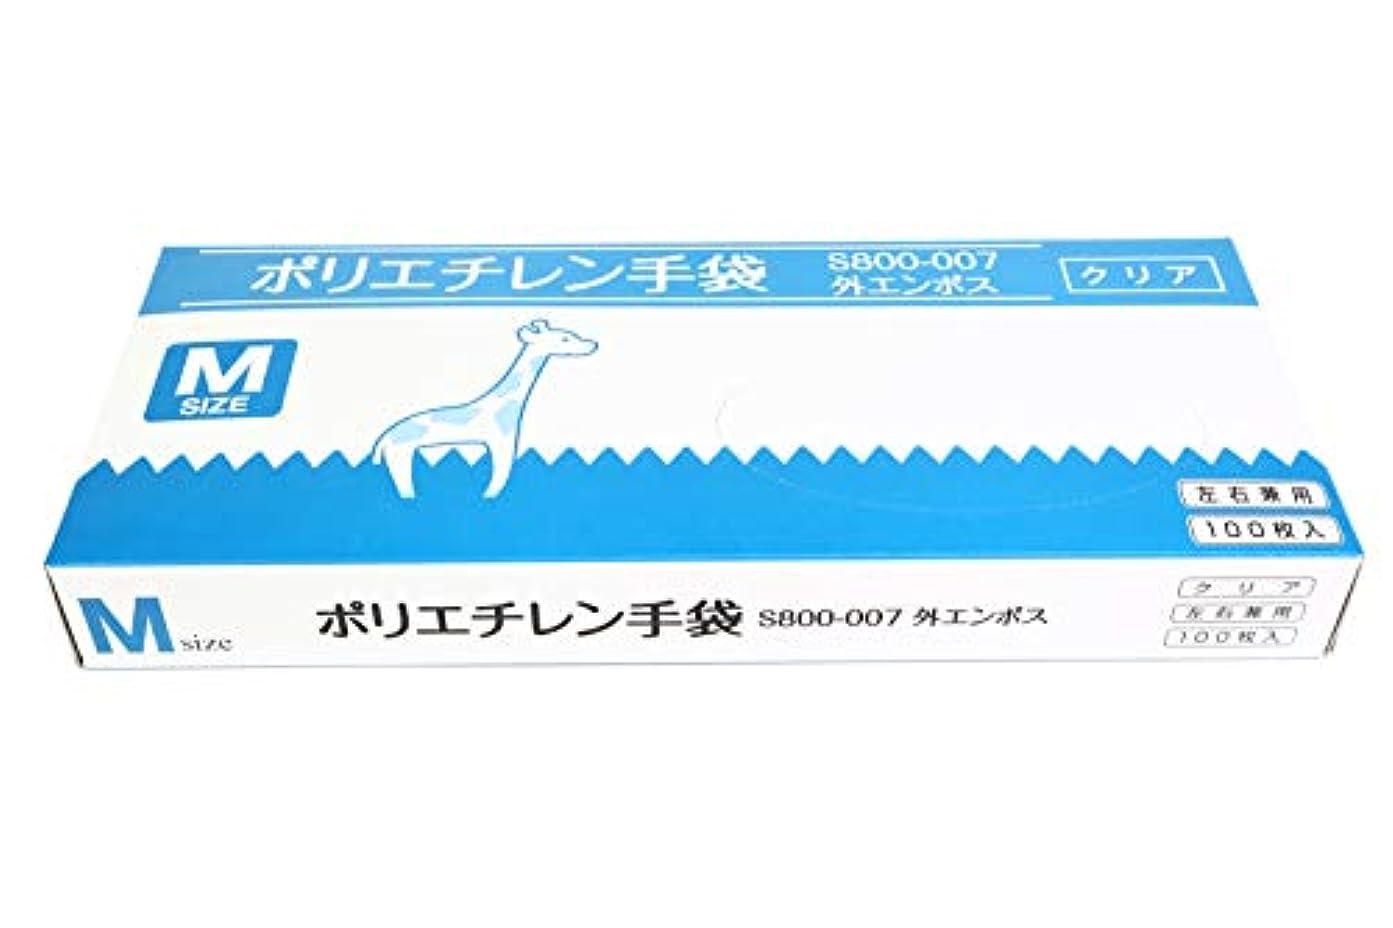 おんどり蒸発刈る使い捨て ポリエチレン手袋 100枚入り クリア色 左右兼用 外エンボス 食品衛生法適応 (Mサイズ)